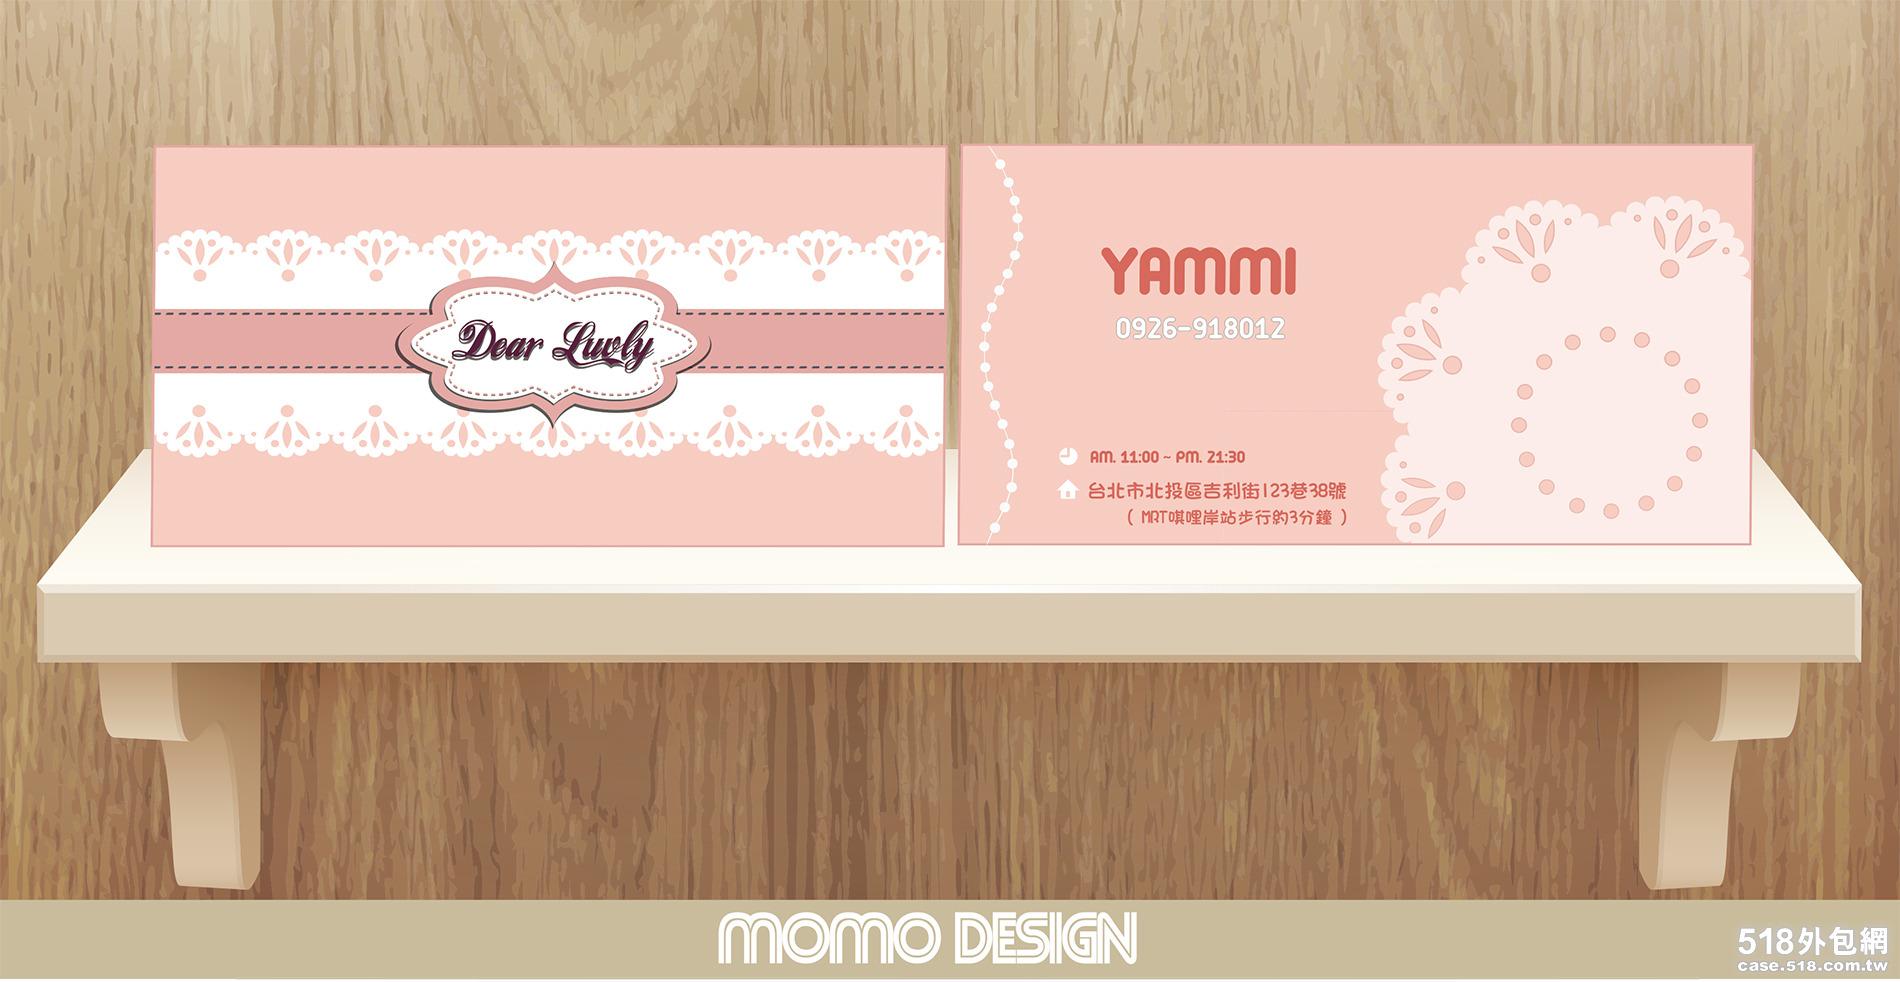 518外包網 服飾店名片競標 - momo Design的工作室作品 您好,歡迎來到... 服飾